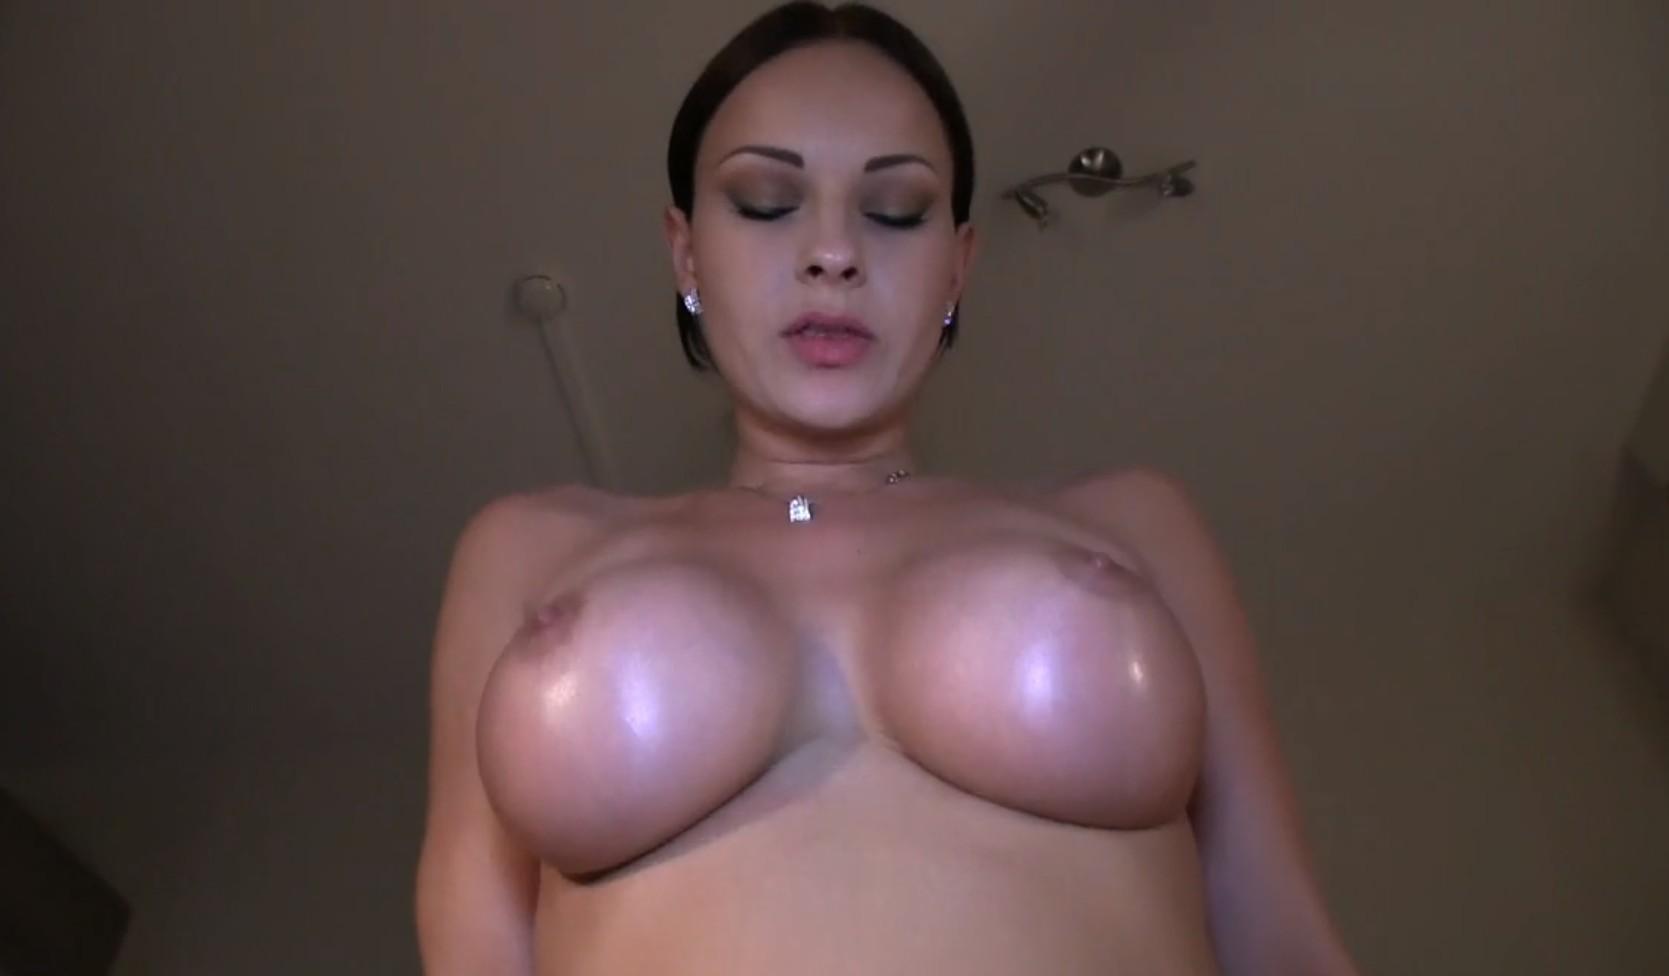 Public agent meets a real pornstar